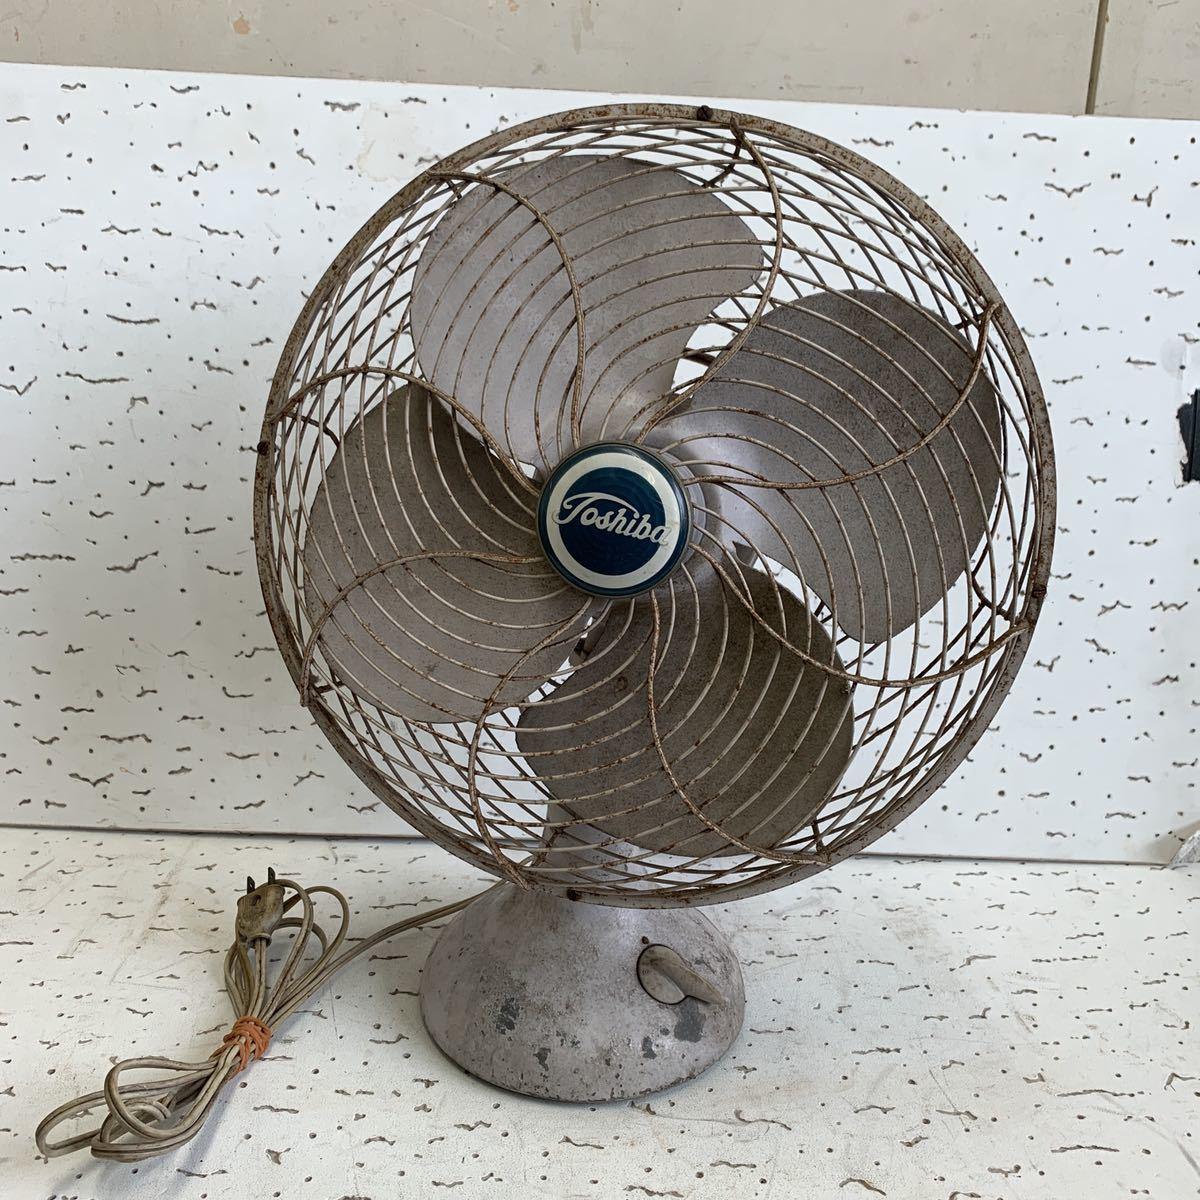 東芝 TOSHIBA 扇風機 動品 昭和レトロ アンティーク_画像1